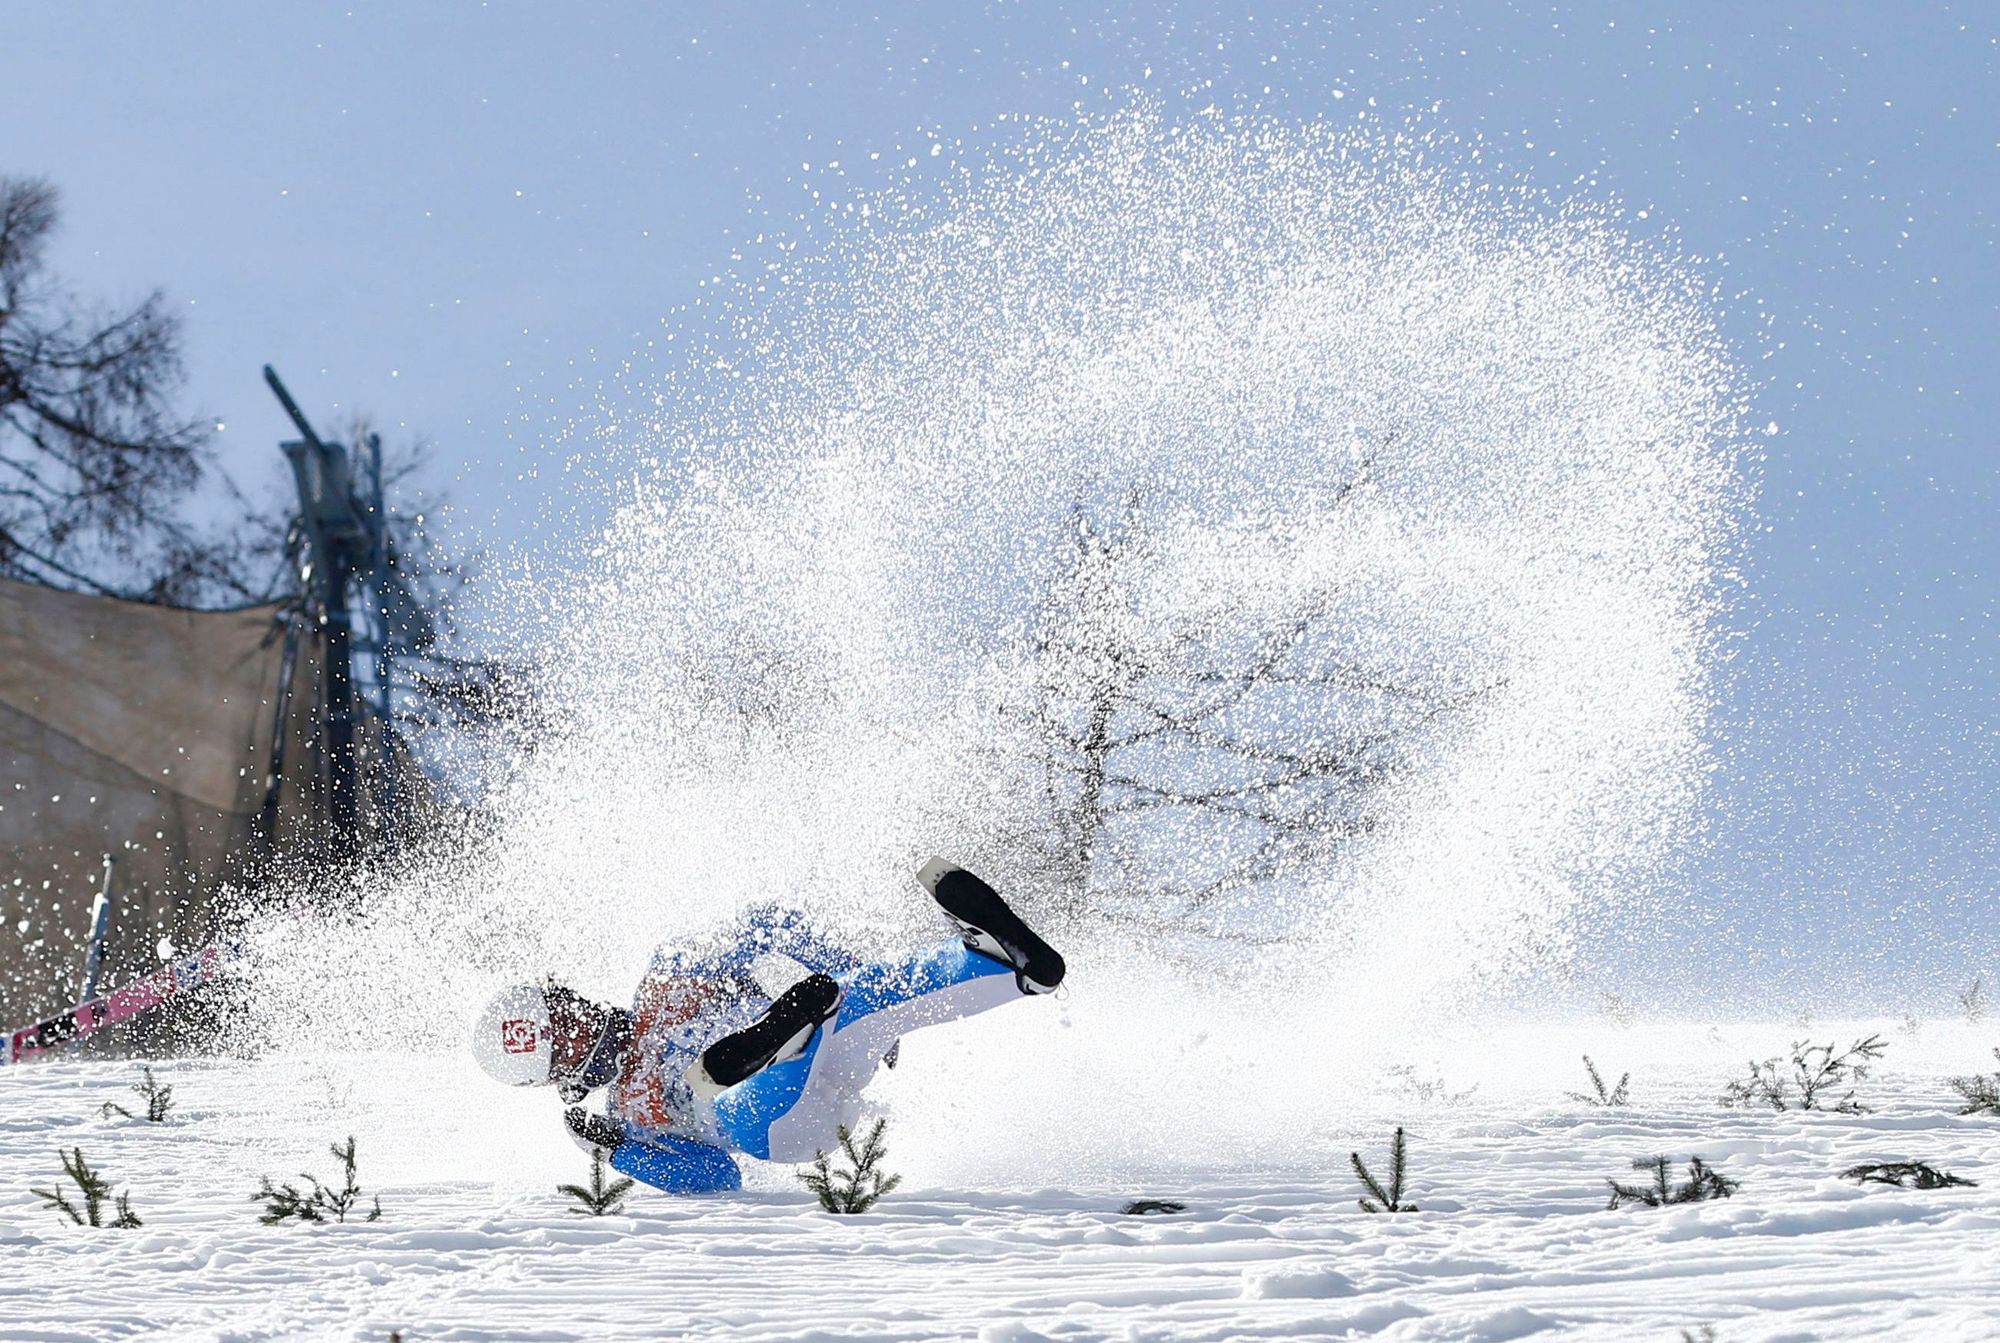 El saltador noruego Daniel Andre Tande cae tras un salto del Campeonato del Mundo en Eslovenia.